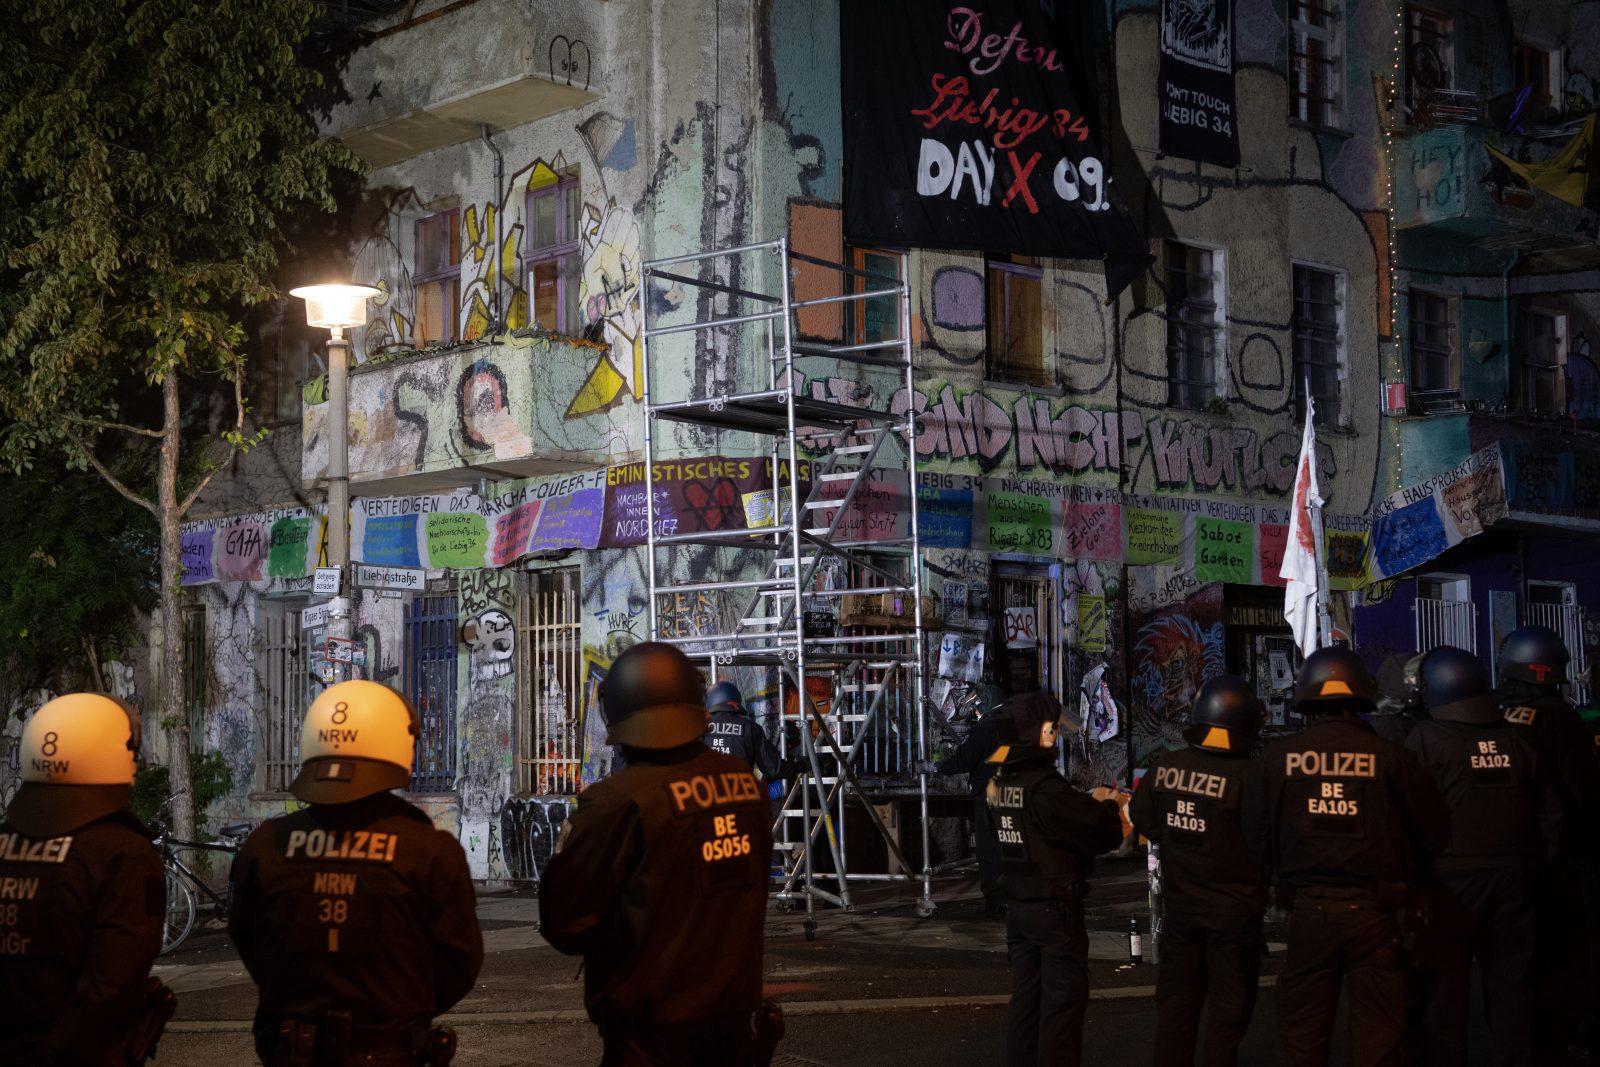 Mehr als 2.000 Polizisten waren bei der Räumung des besetzten Hauses in der Liebigstraße 34 in Berlin im Einsatz Foto: picture alliance/dpa | Paul Zinken